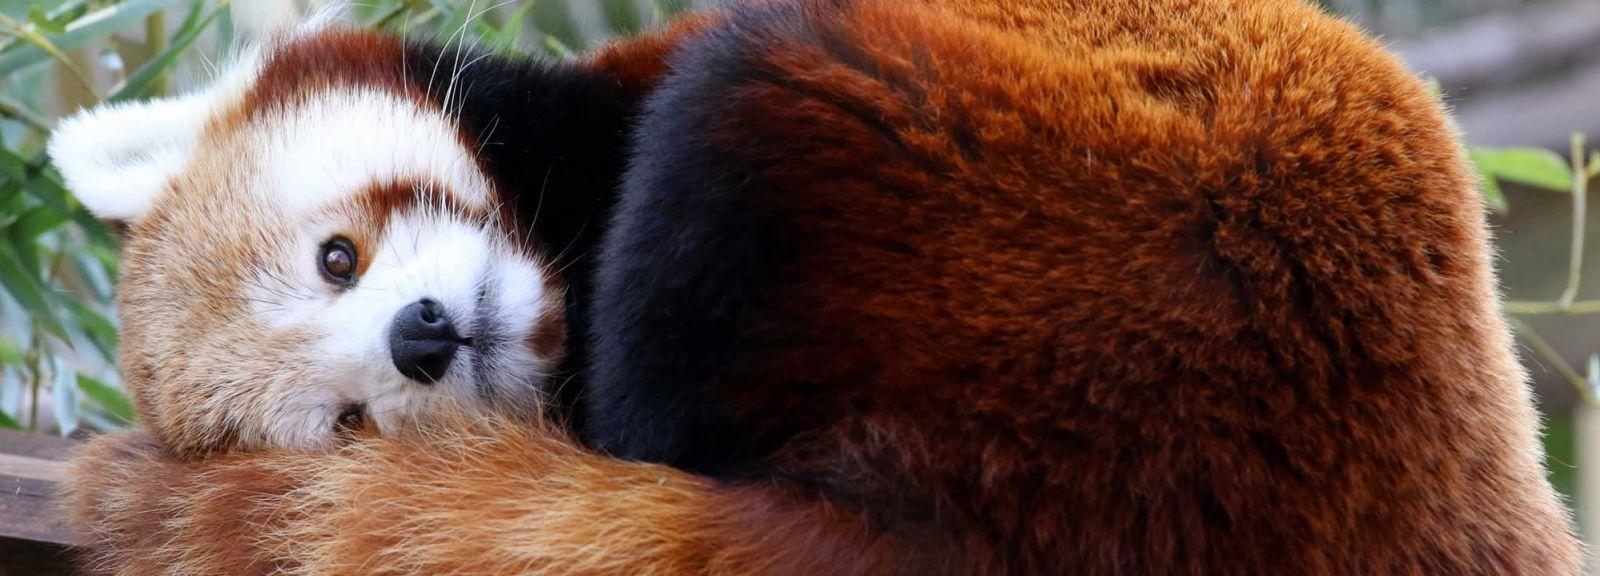 Panda roux © MNHN - E. Baril